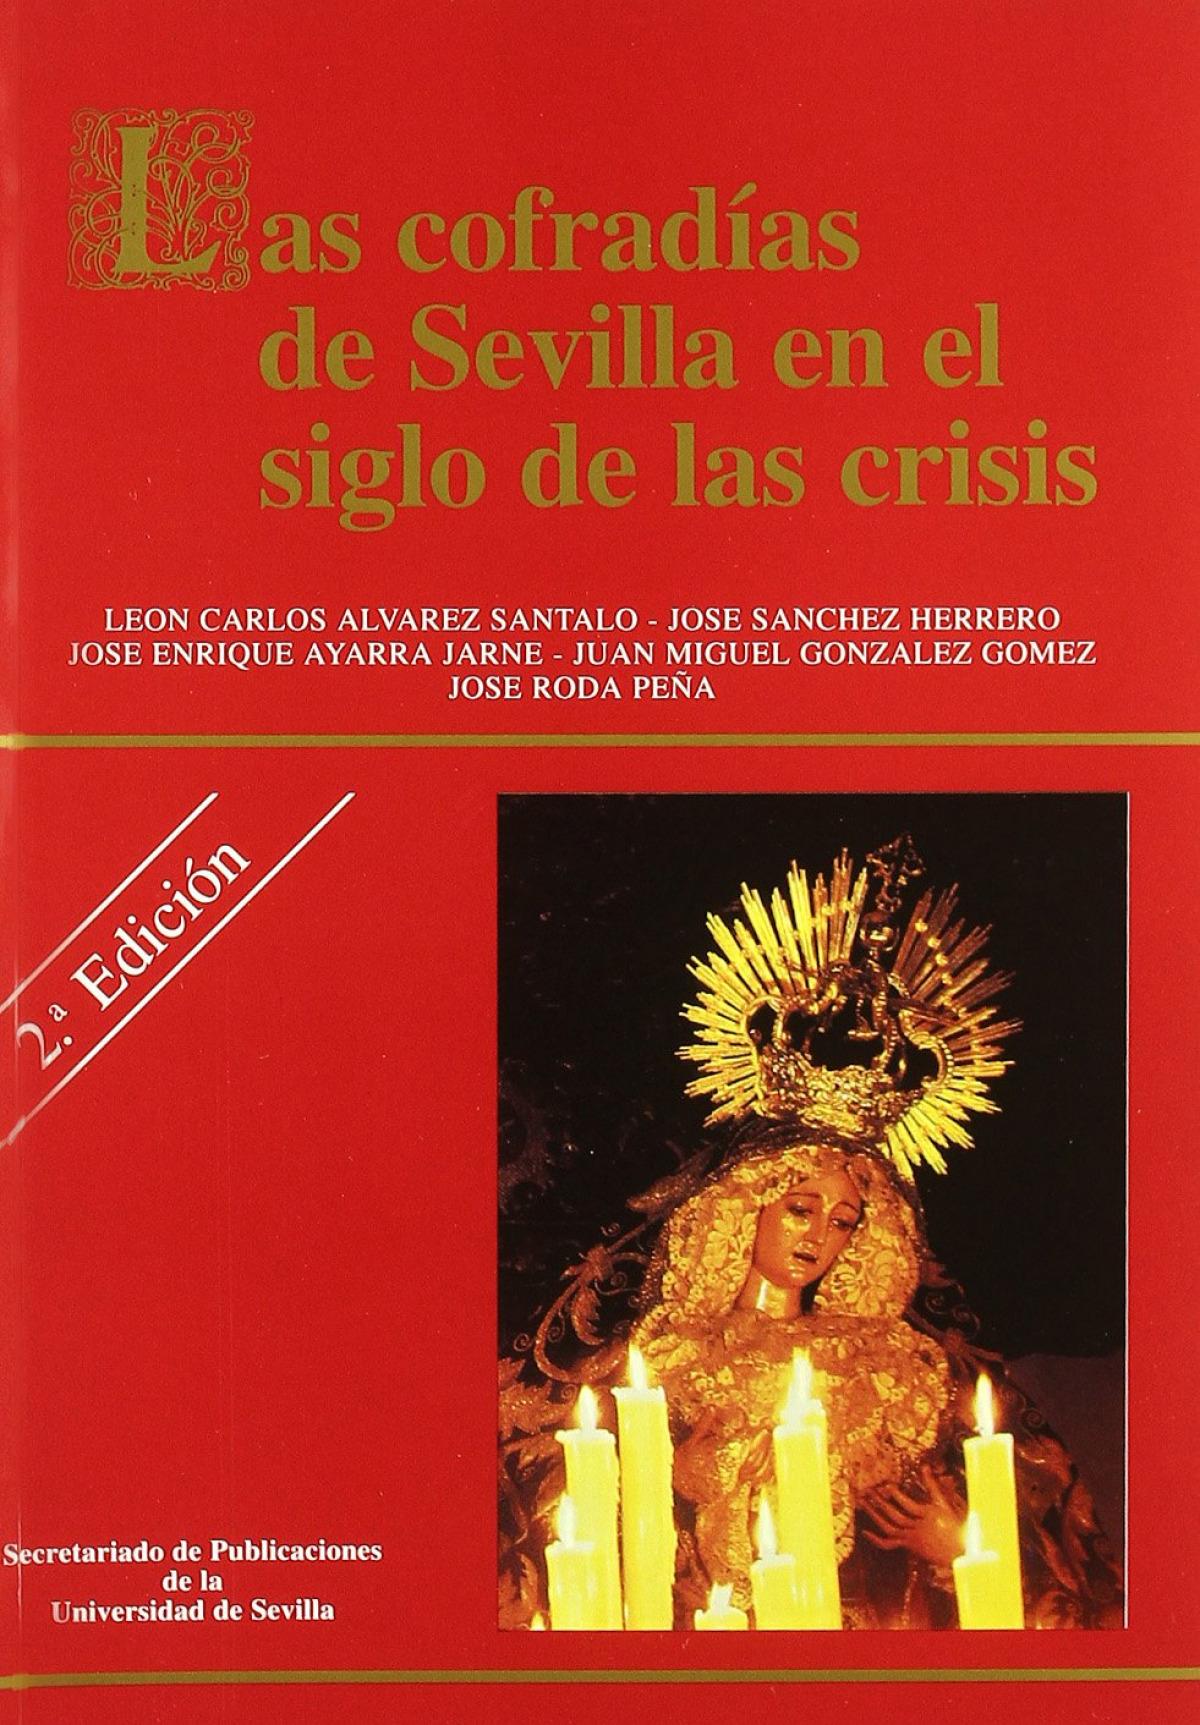 Las cofradias de sevilla en el siglo de las crisis. - Alvarez Santalo, Leon Carlos/Sanchez Her